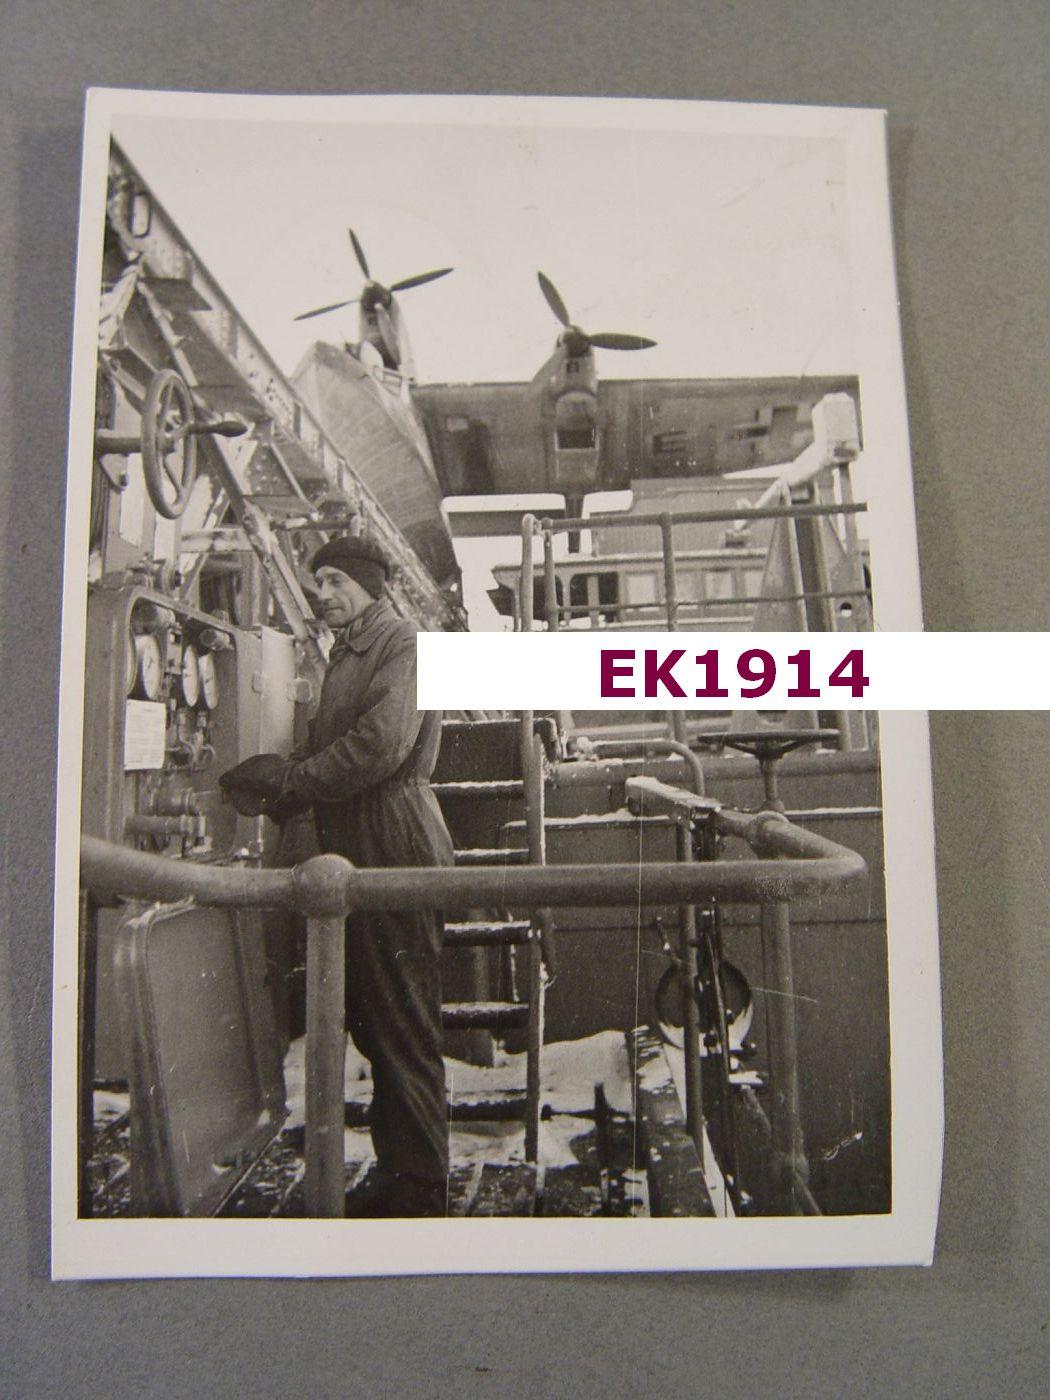 bv138_16_Katapultschiff Schleuderschiff Westfalen, BV-138, Norwegen Trondheim.JPG